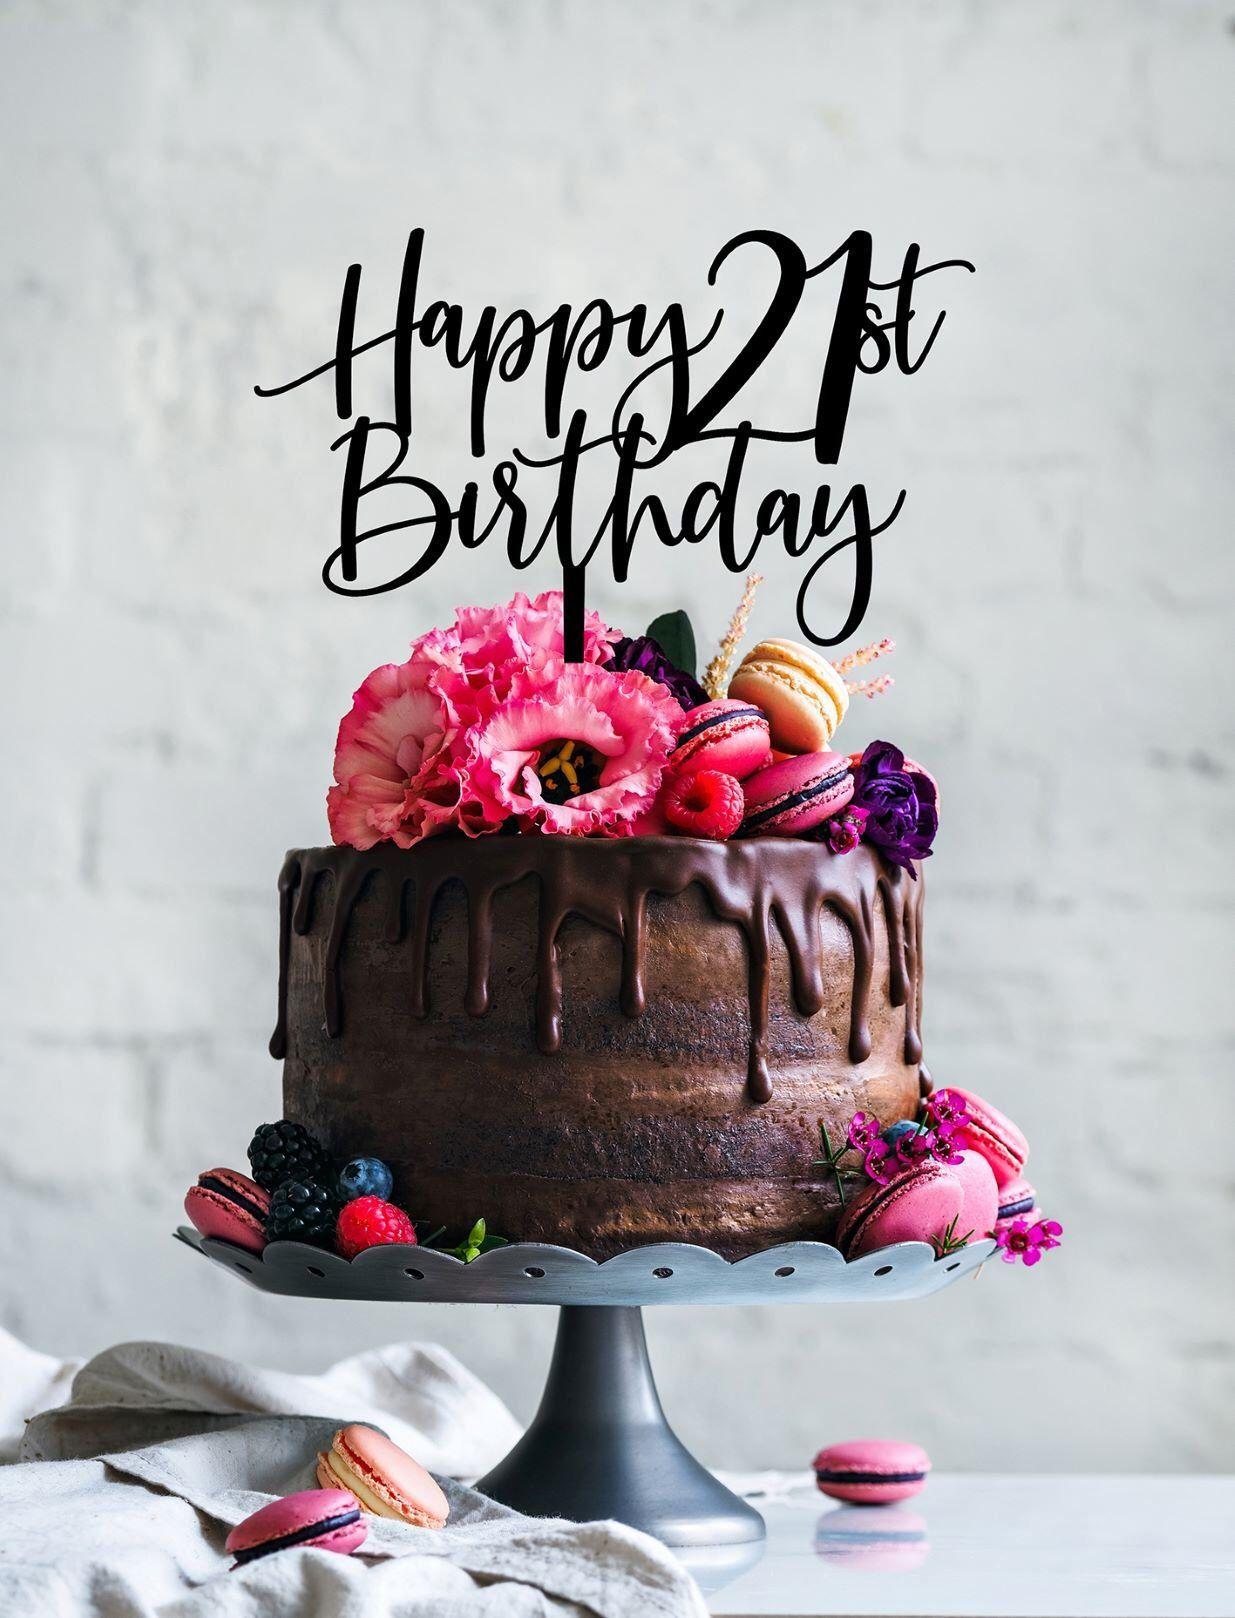 21st Birthday Cake Topper 21st cake topper Cake